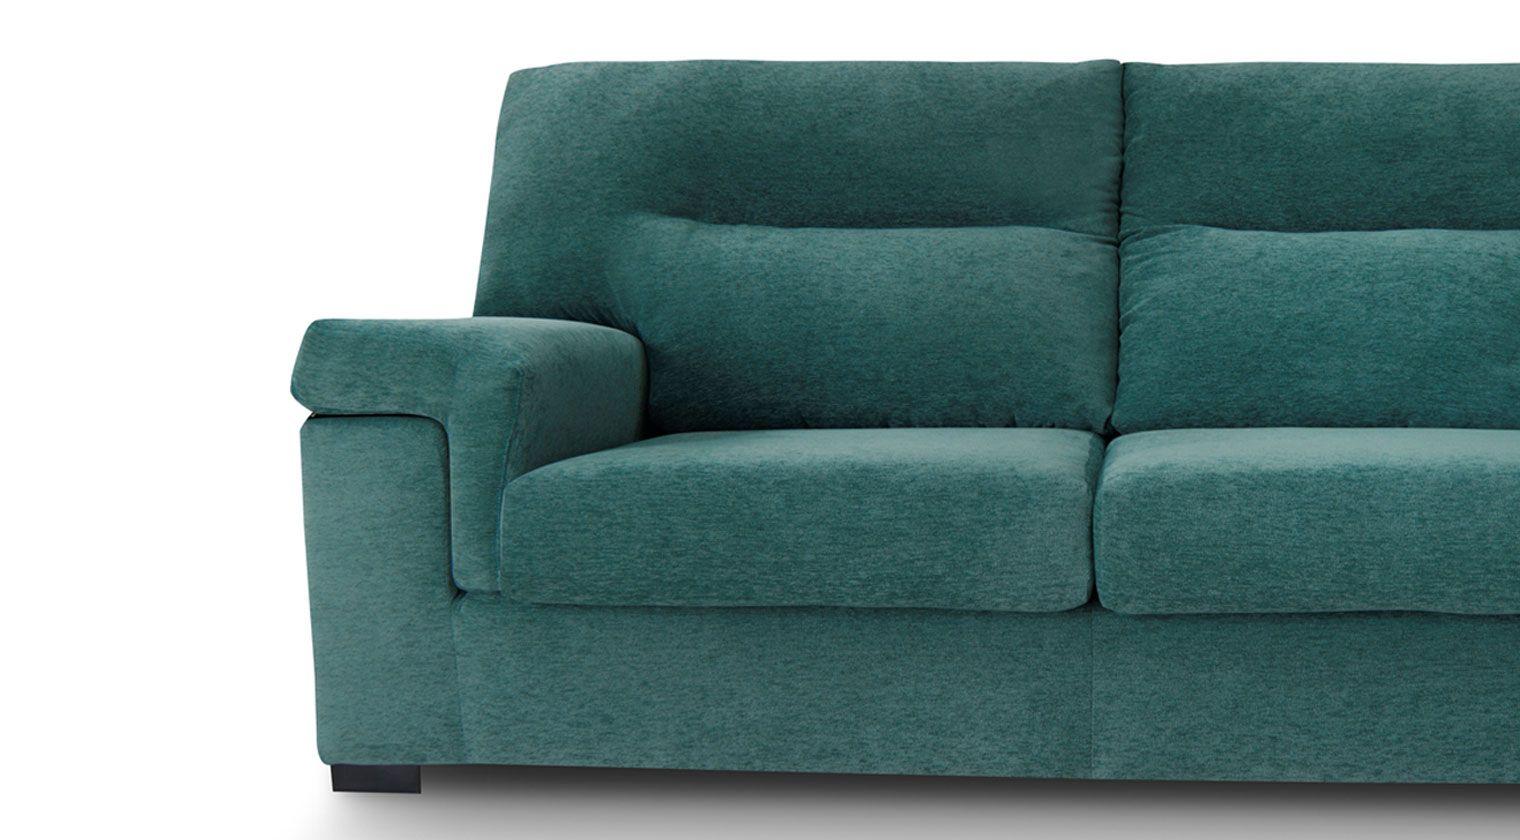 Sof tela okio sofas de tela for Sofas modulares de tela